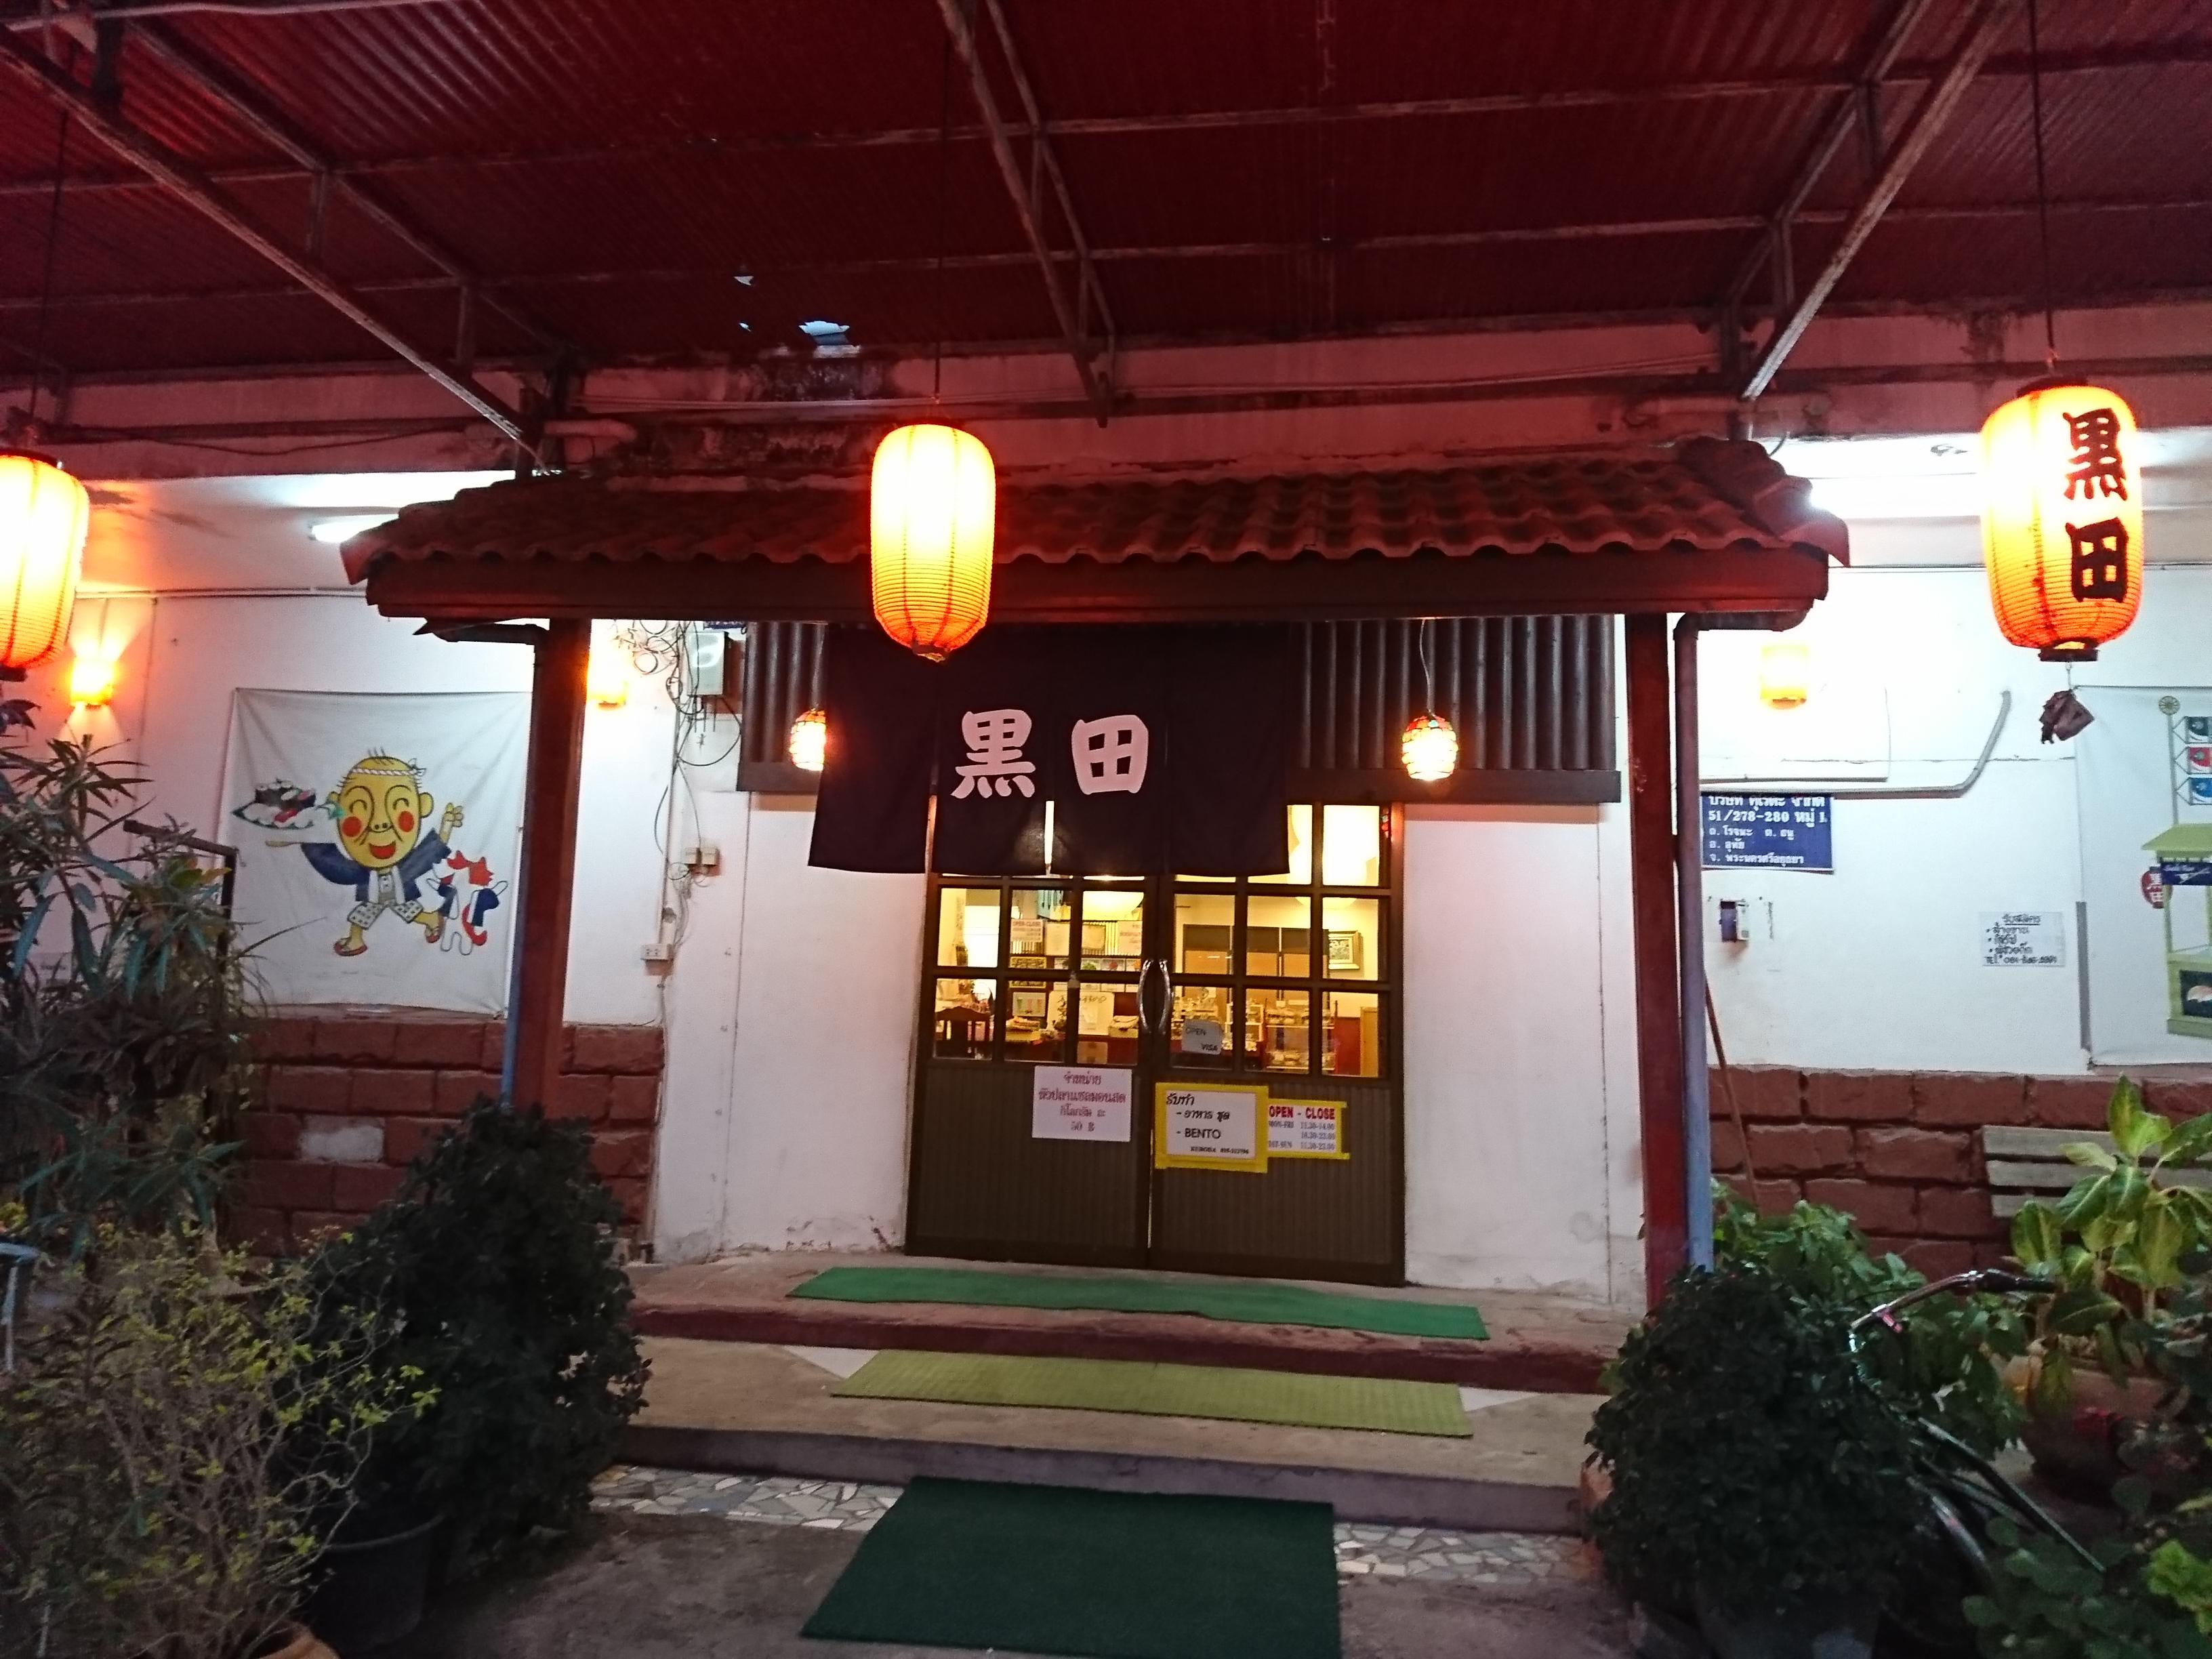 黒田 / アユタヤグランド地区で、おすすめの老舗日本食屋さん